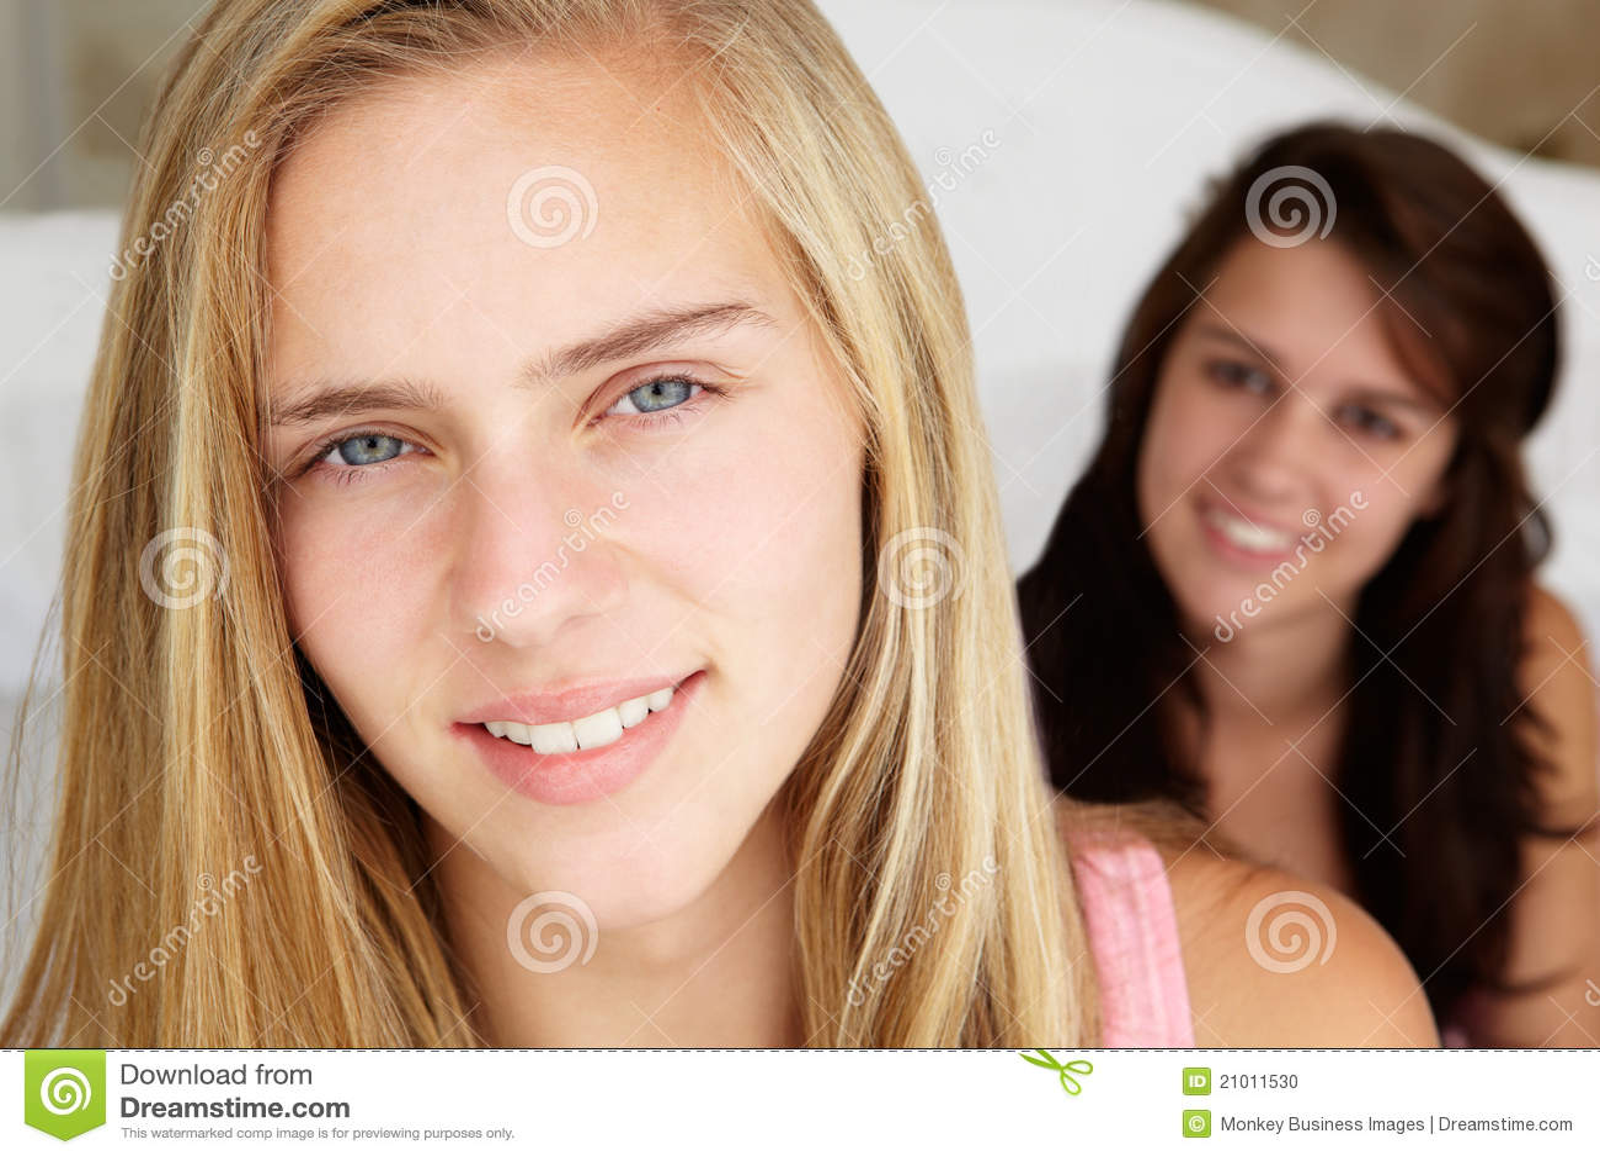 Фото две подружки в сперме, Фото сочных дырок подруги в сперме - Частные фото 22 фотография